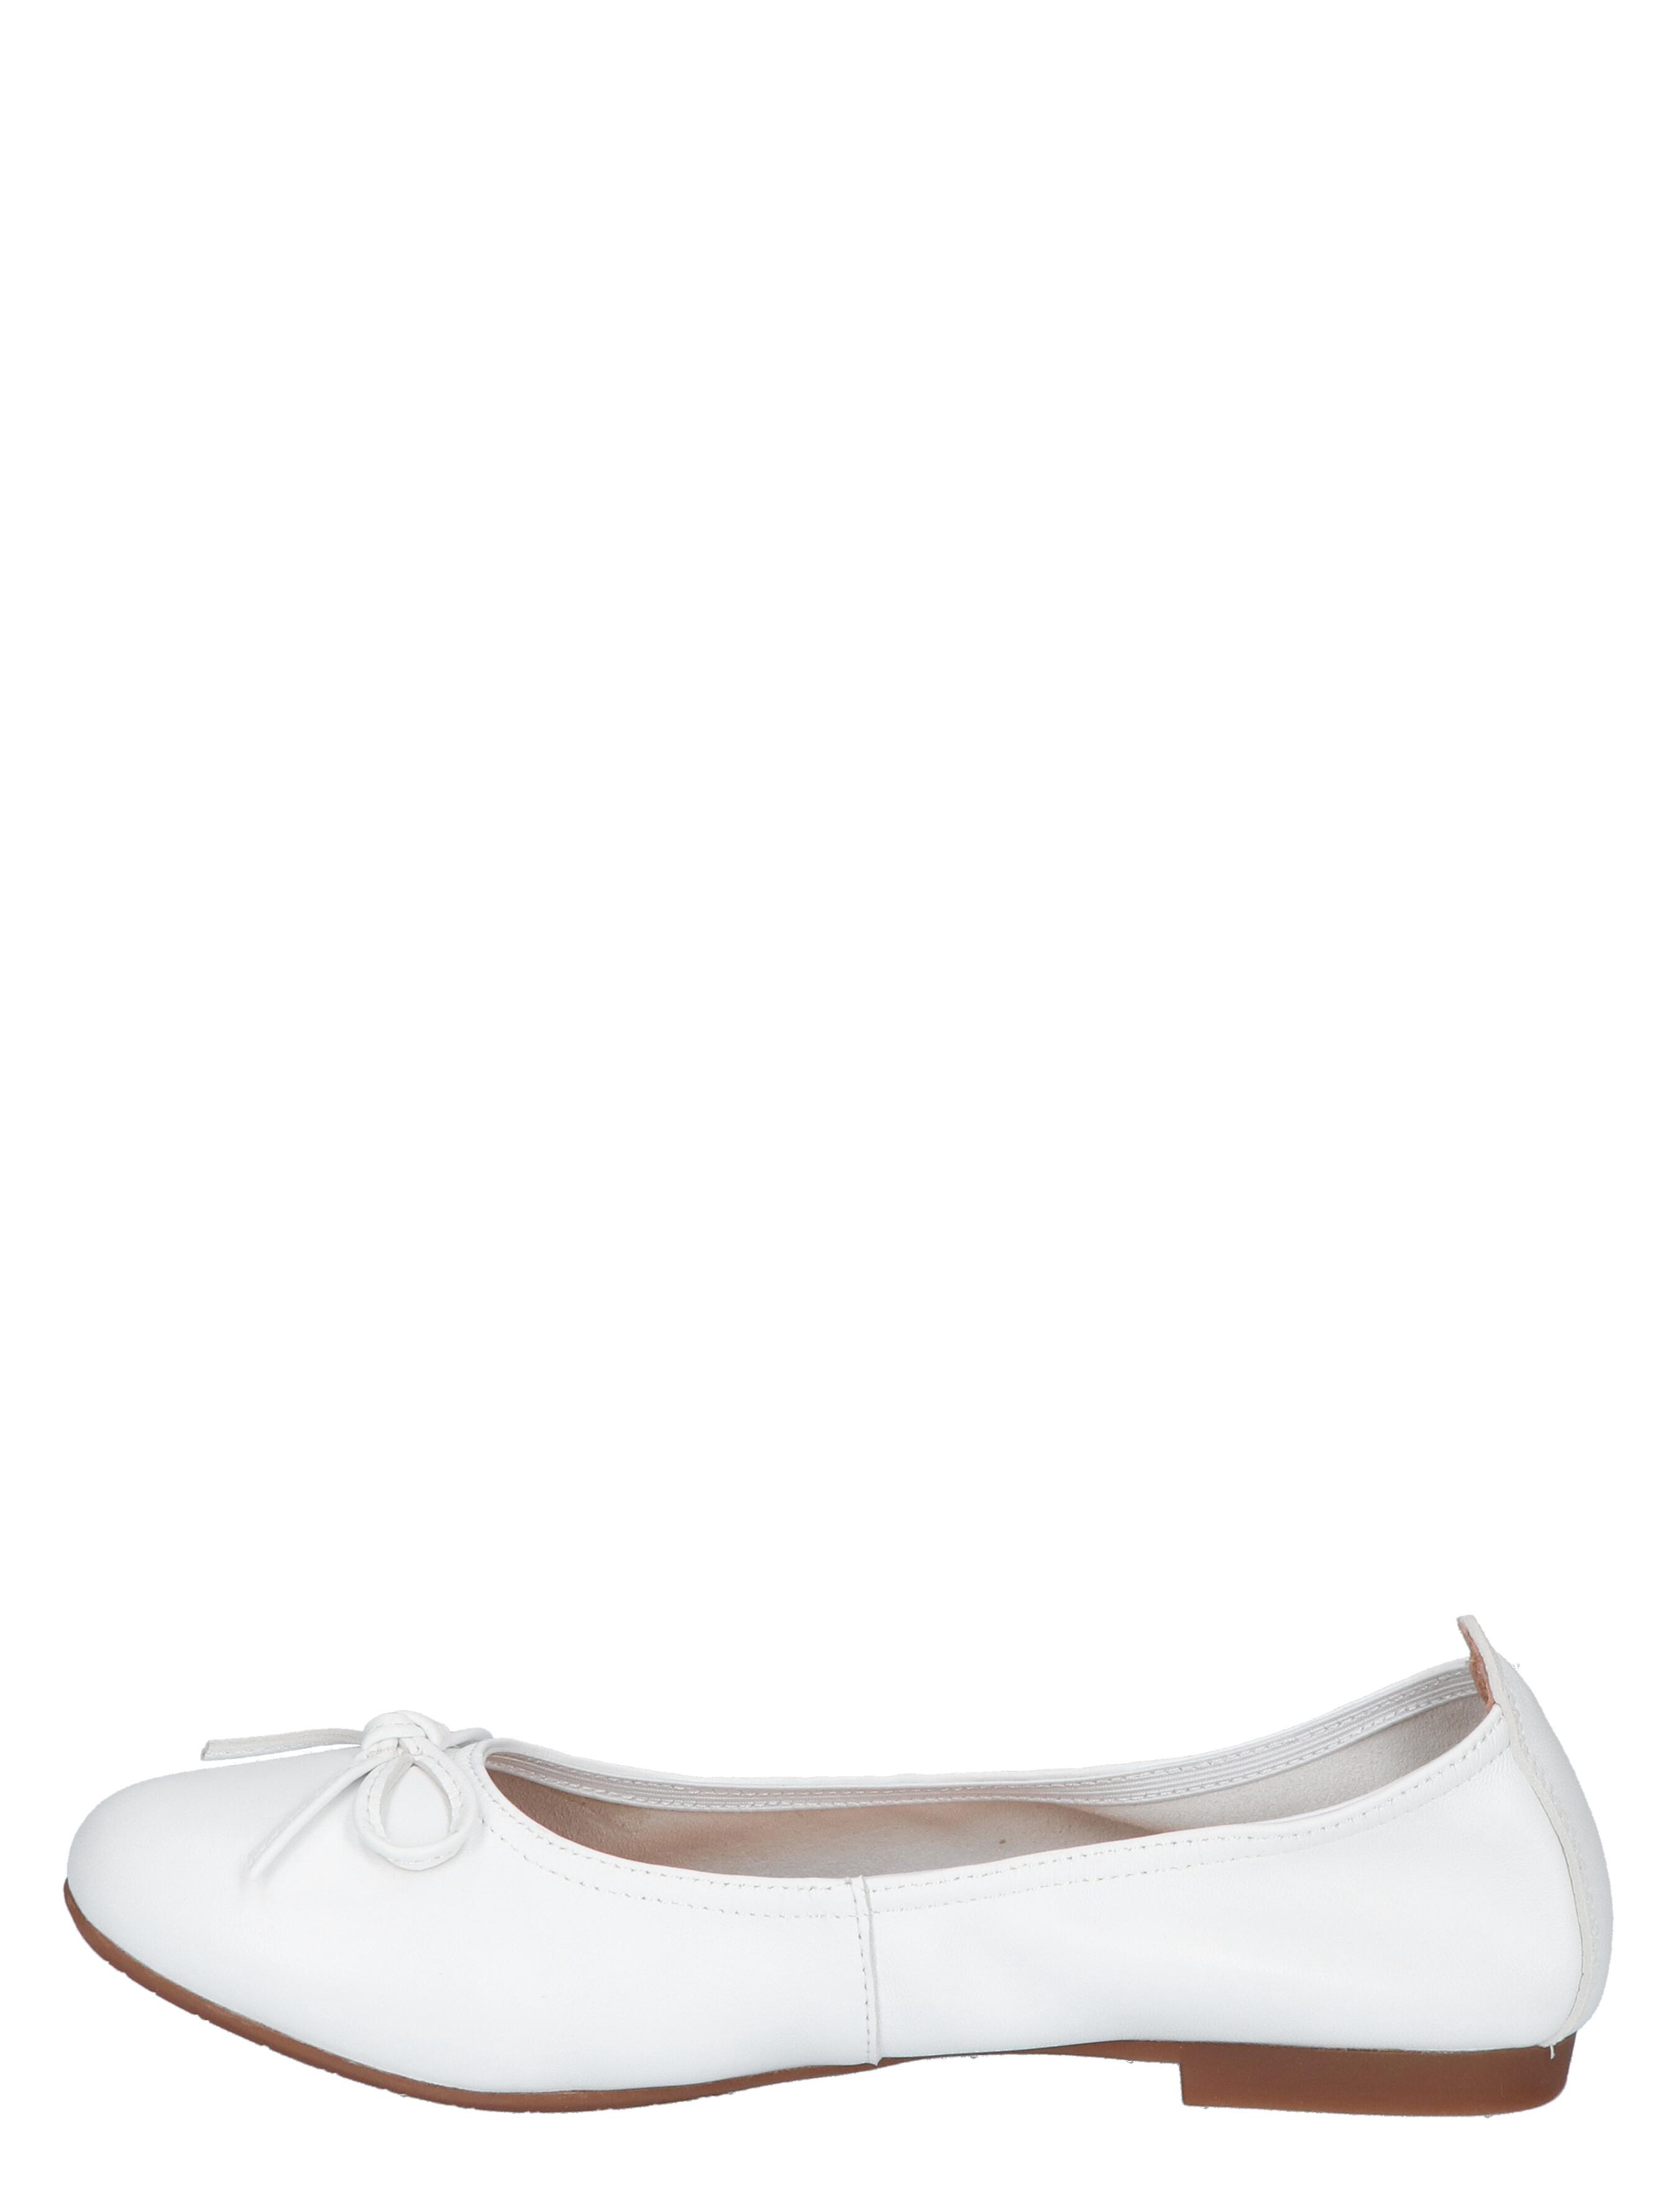 Si Kaylee White Ballerina-s